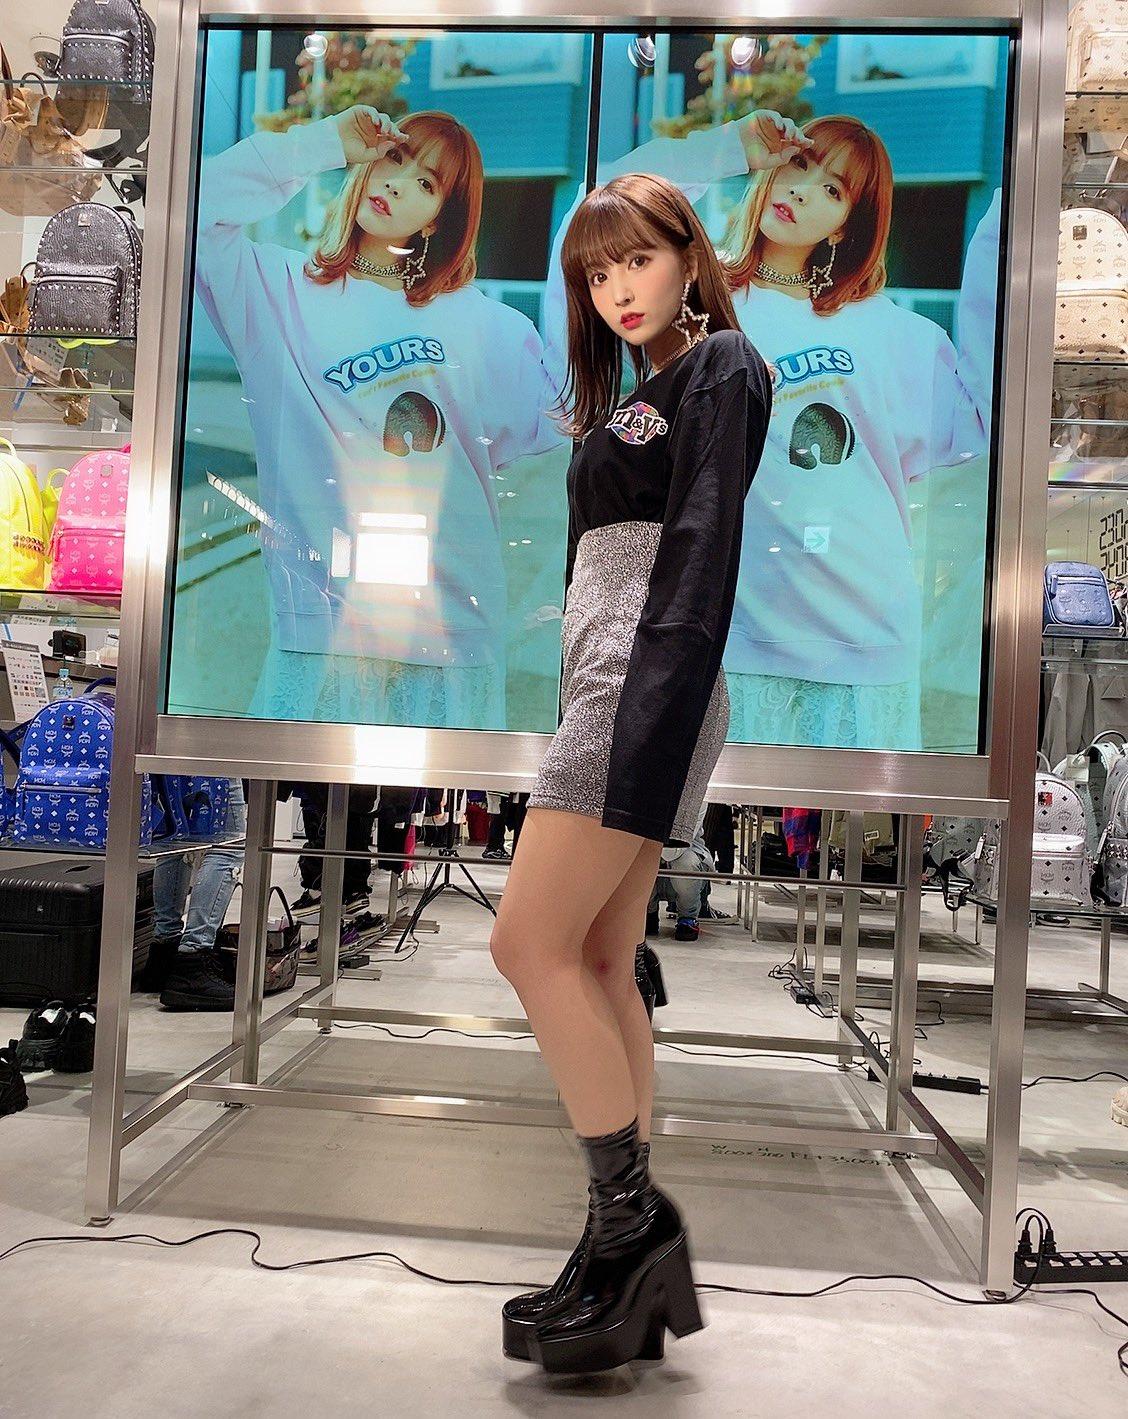 yua_mikami 1198216324008120322_p1